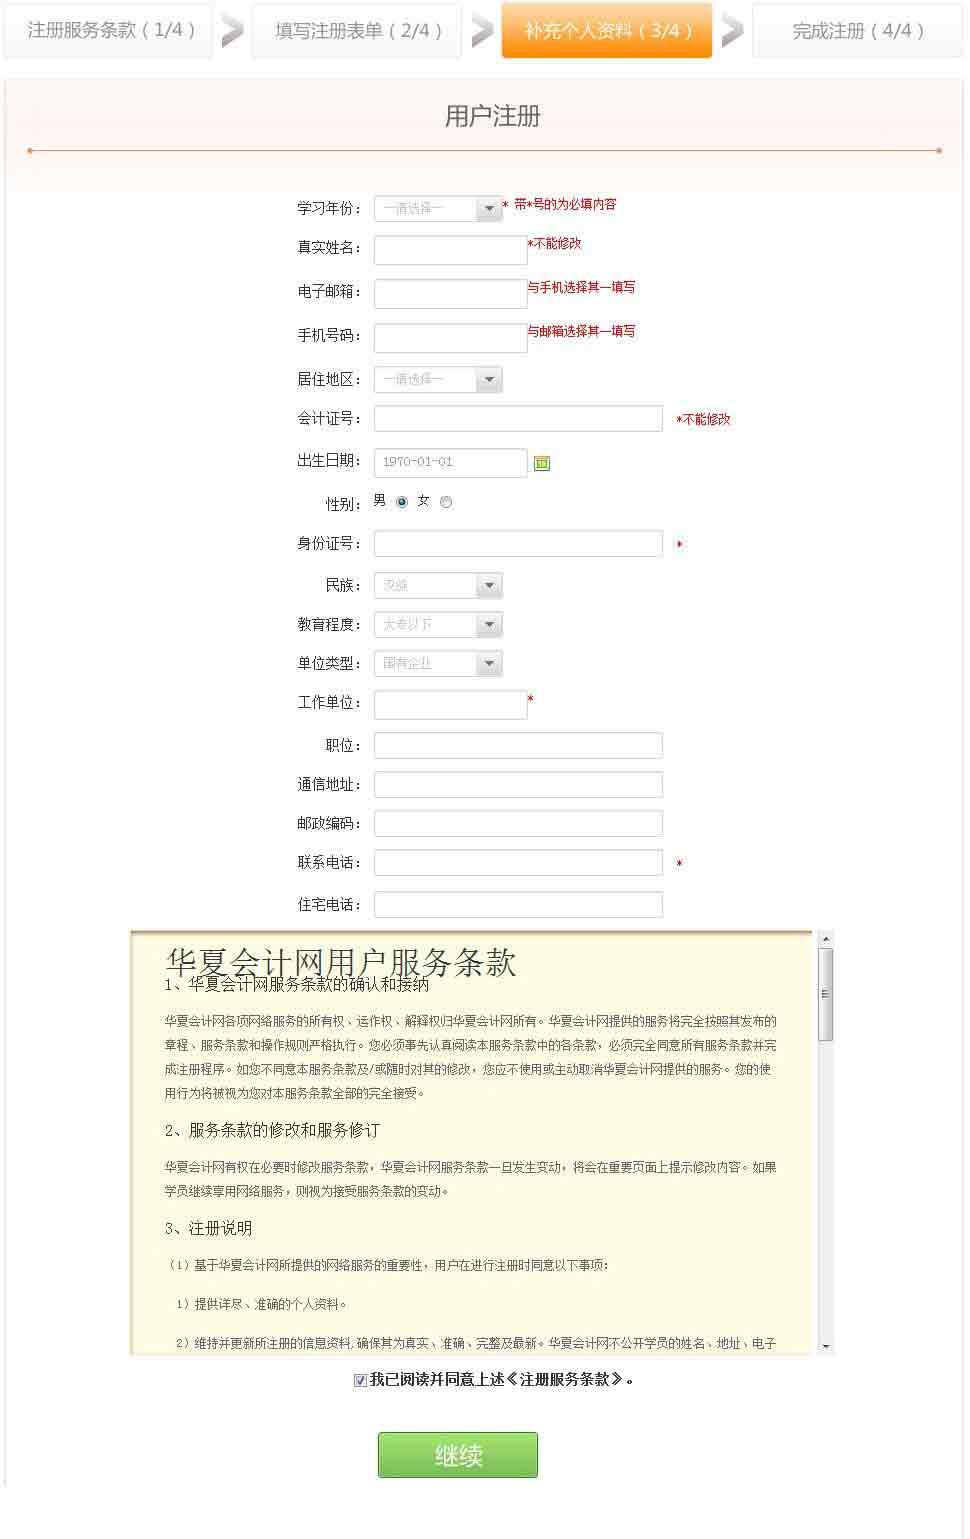 华夏会计网-继续教育在线支付,凭卡登陆流程